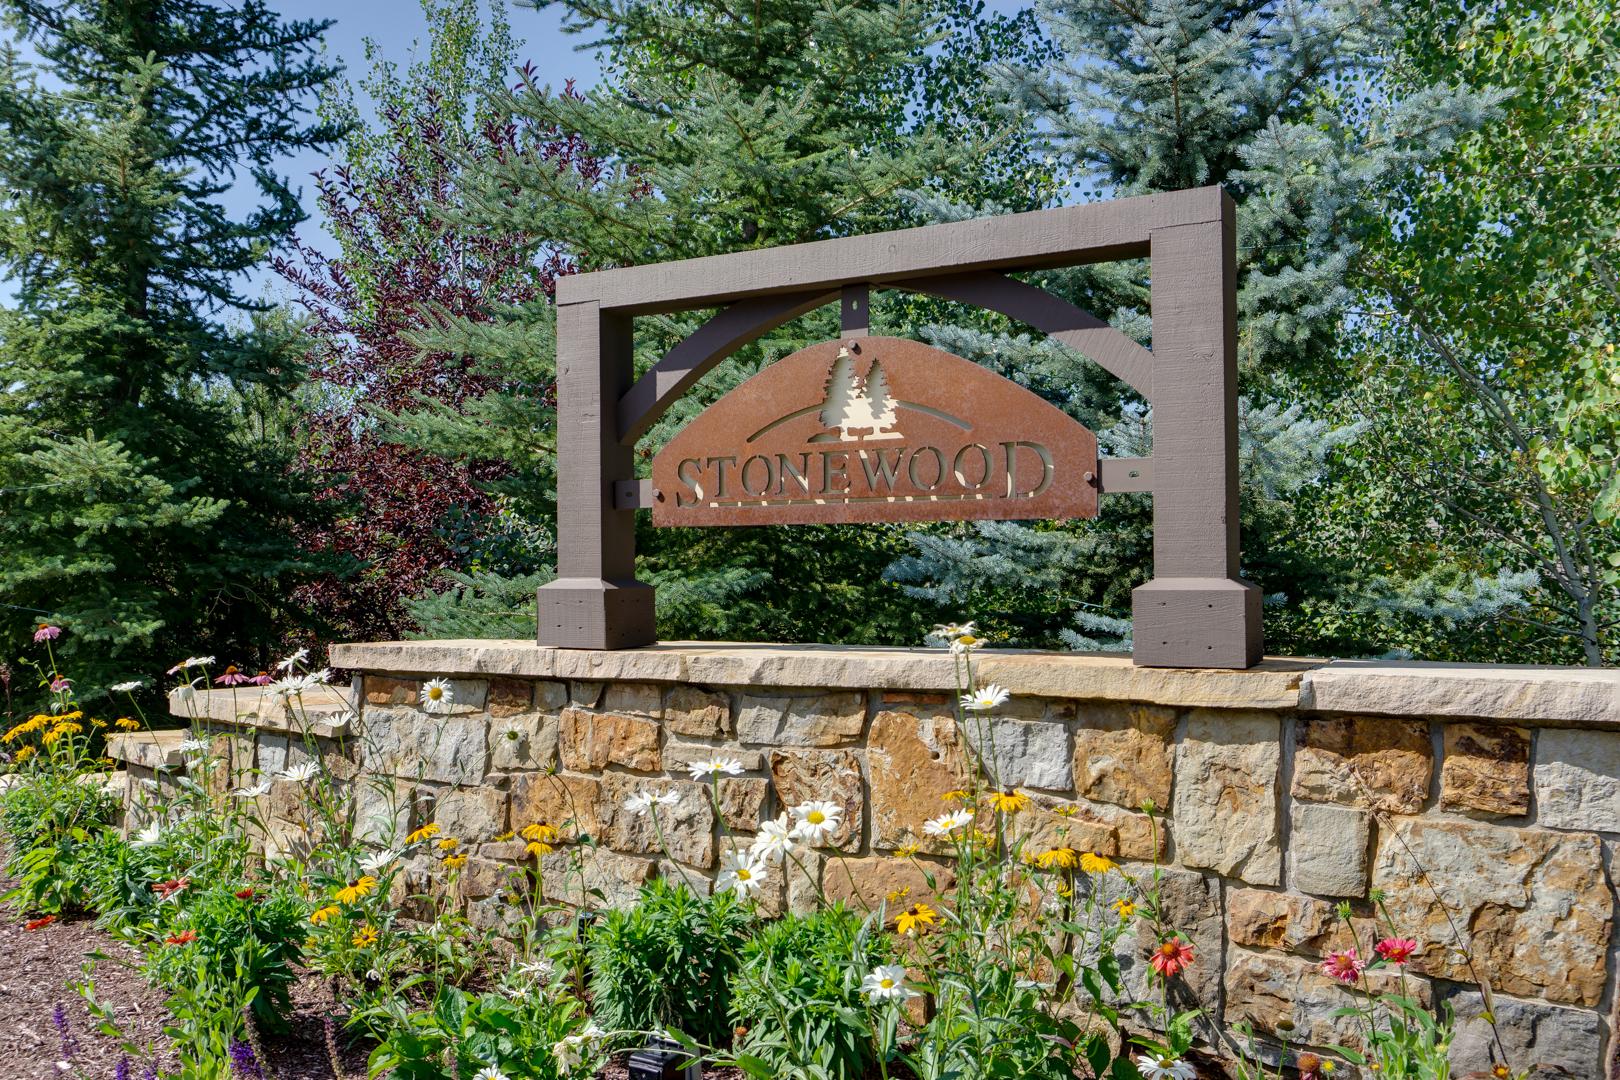 Stonewood Entrance Sign.